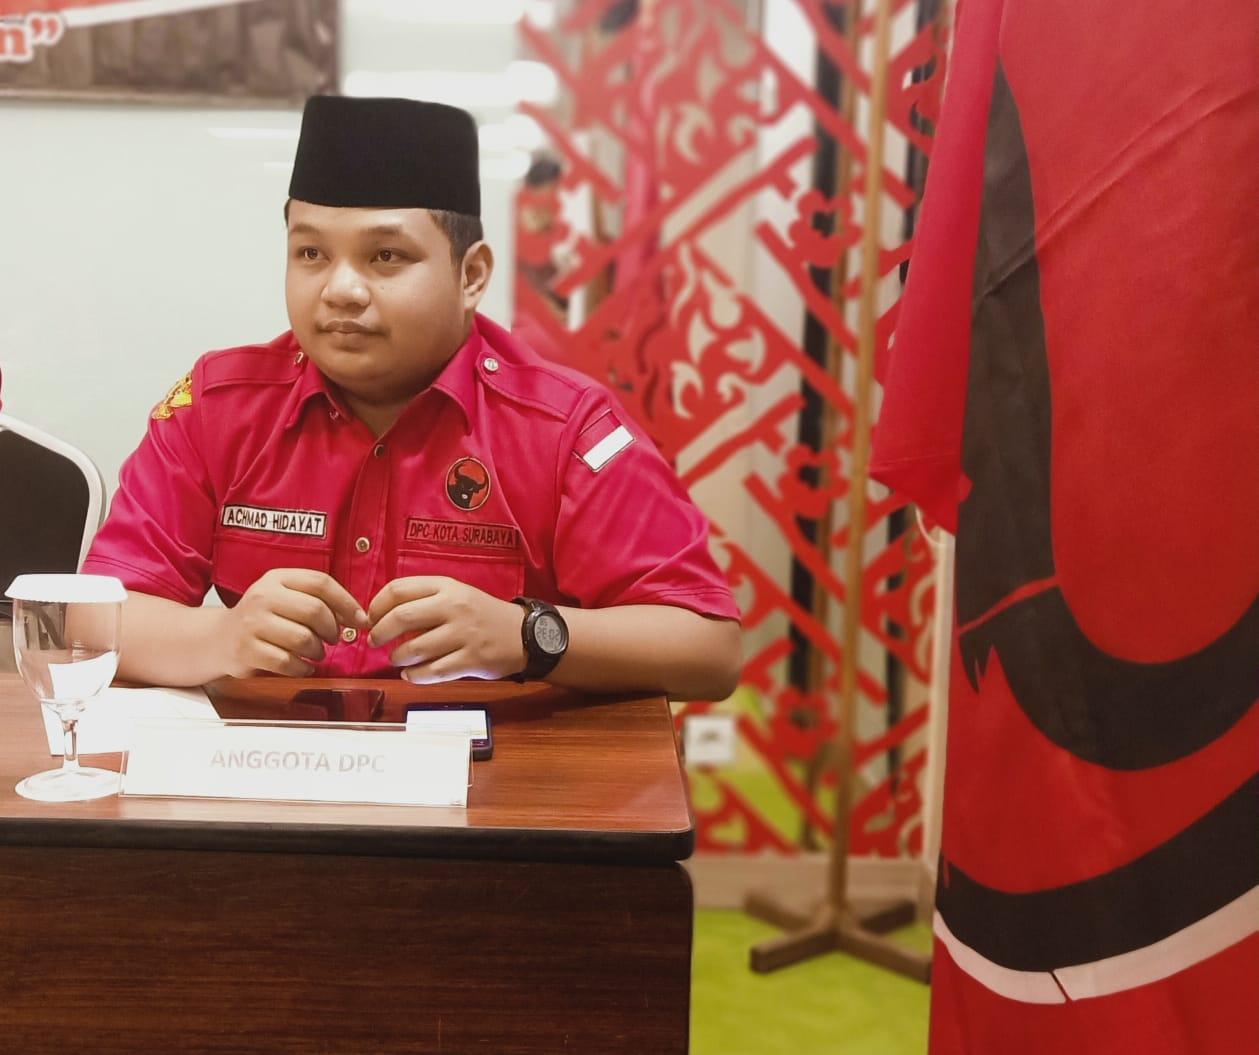 Bulan Bung Karno, Banteng Surabaya Gelar Serangkaian Acara